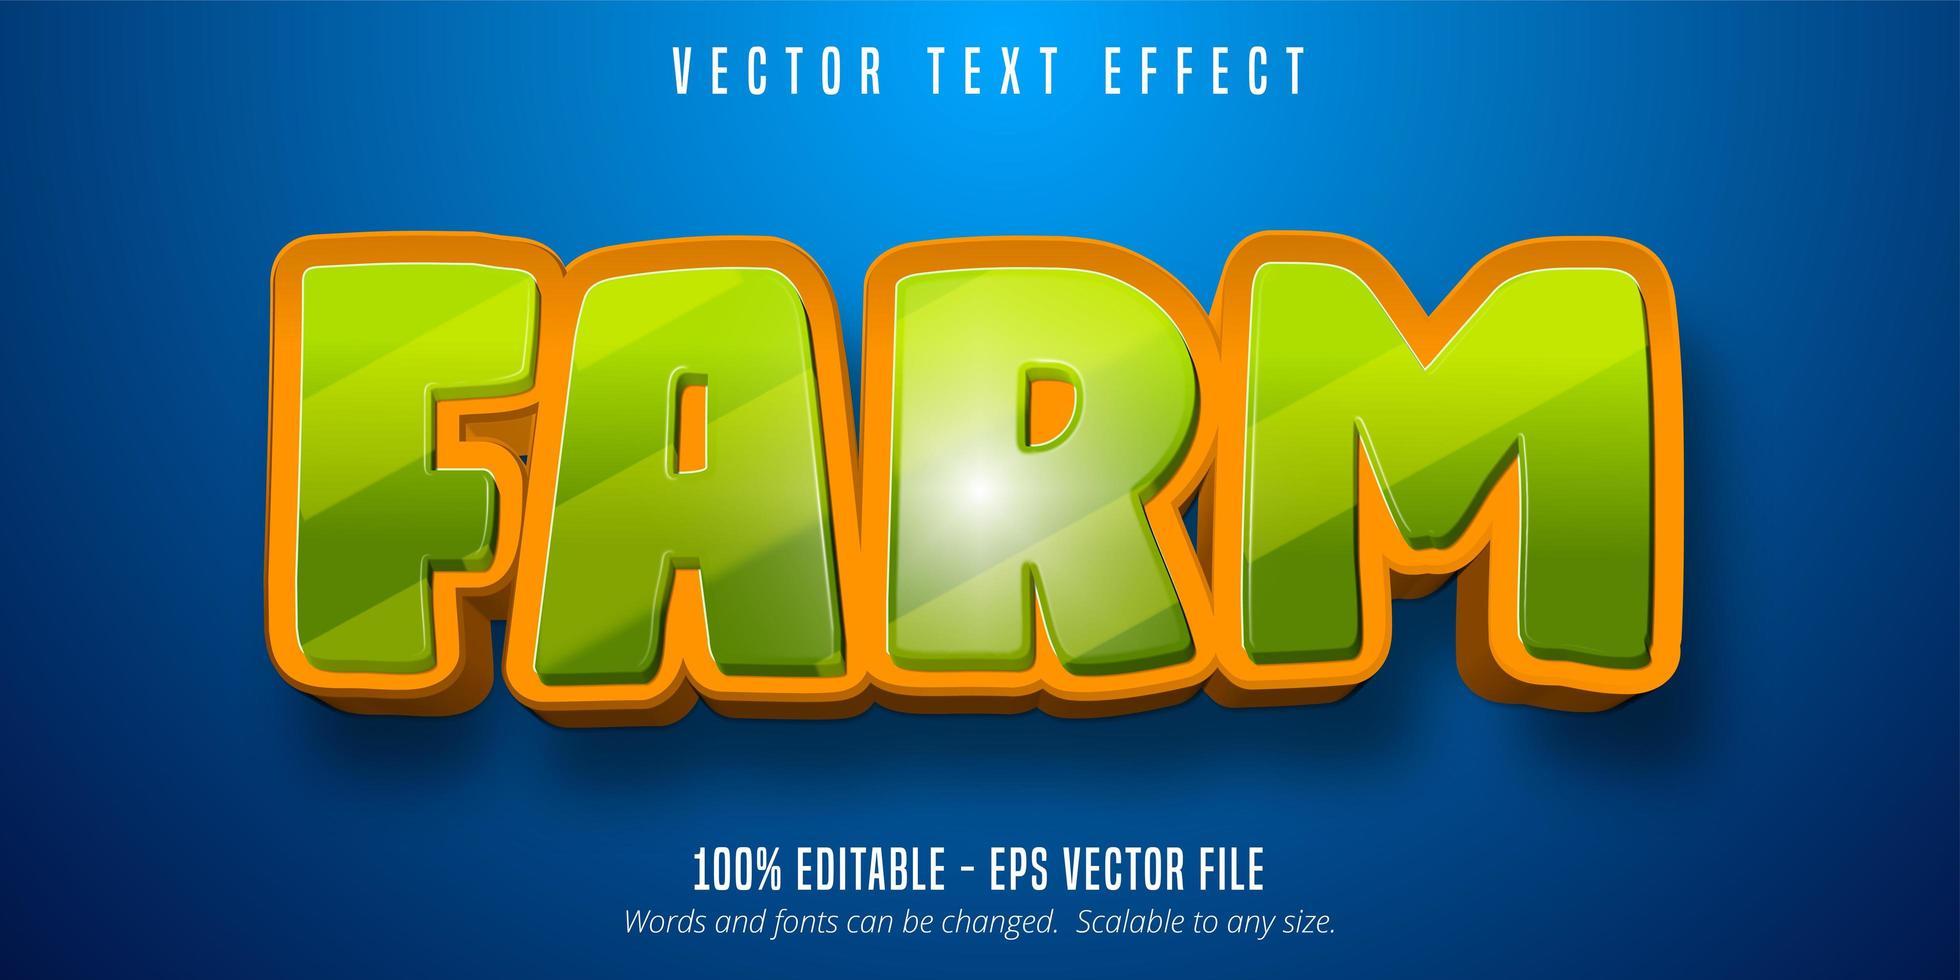 efecto de texto editable de estilo de dibujos animados de granja vector